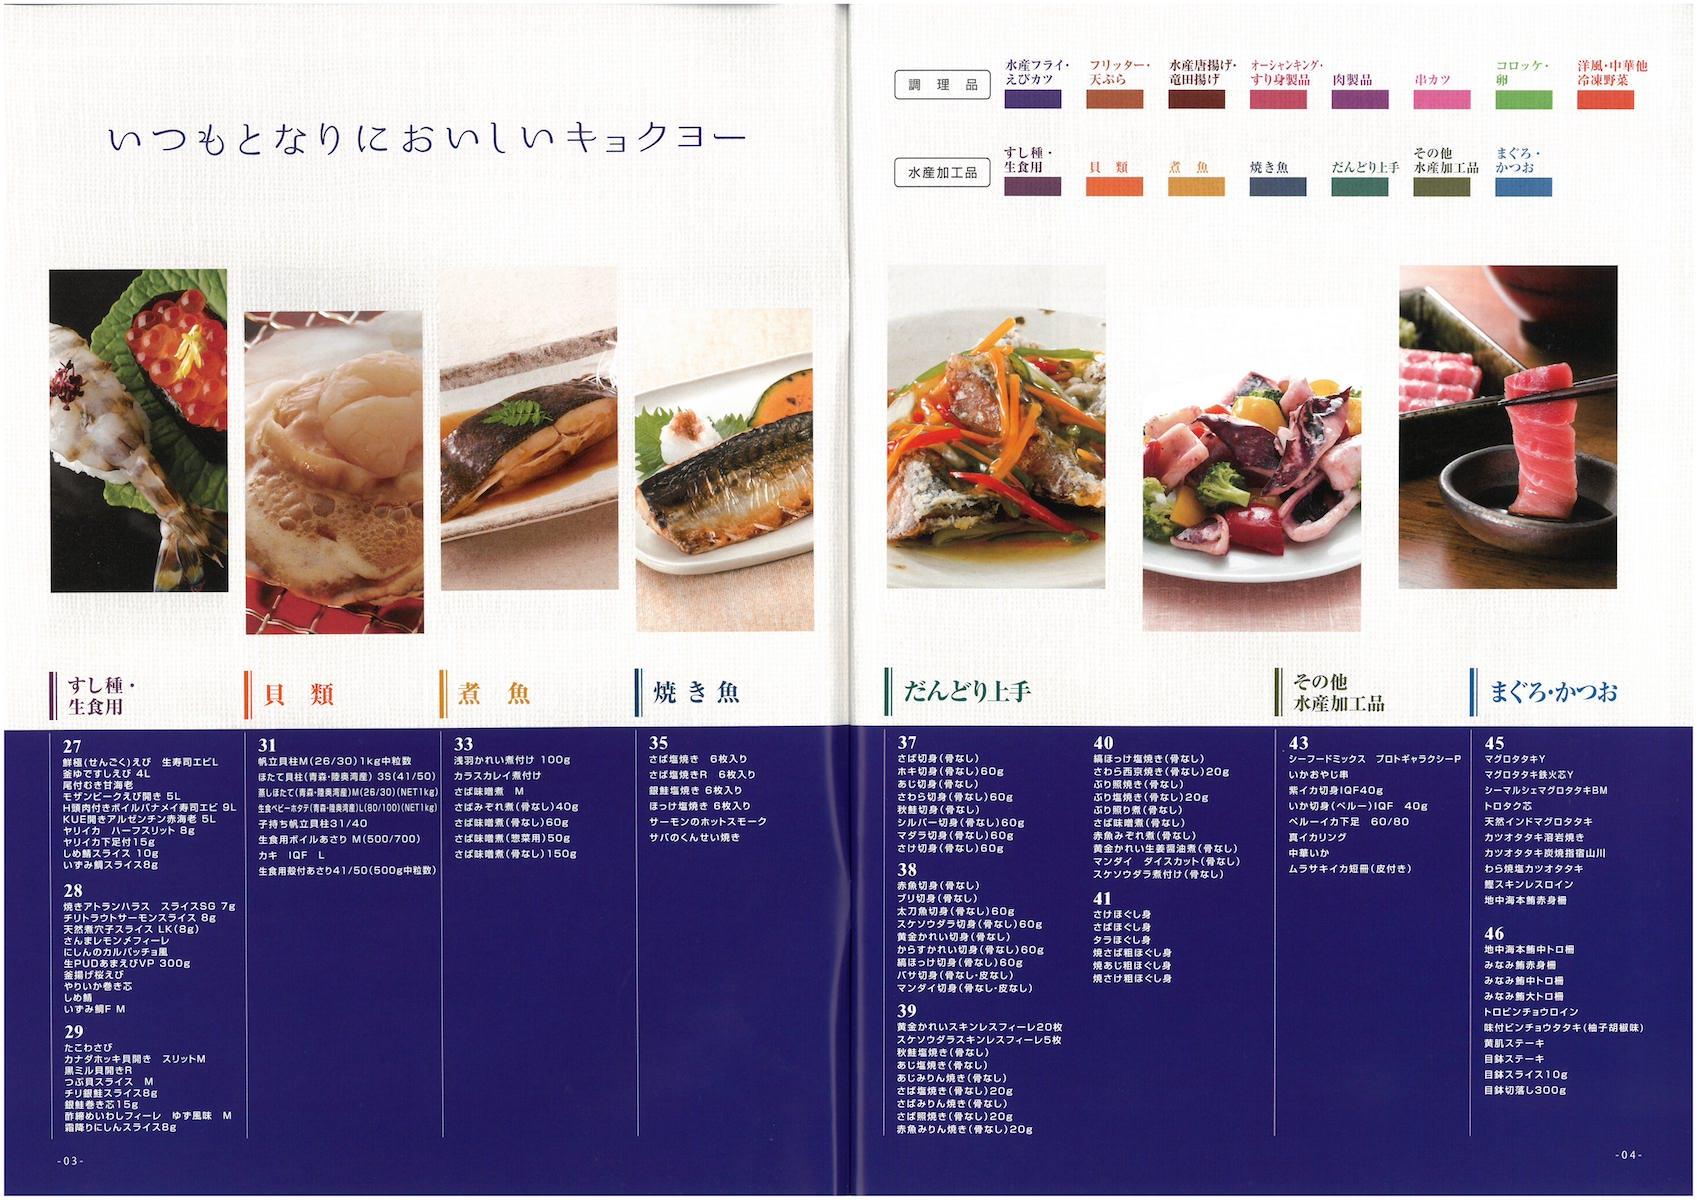 極洋2018総合カタログ